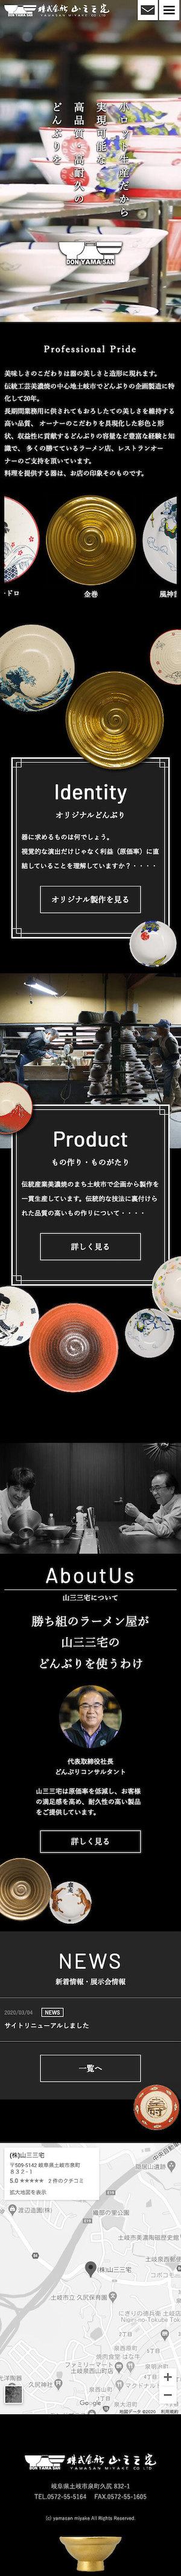 株式会社山三三宅 spイメージ